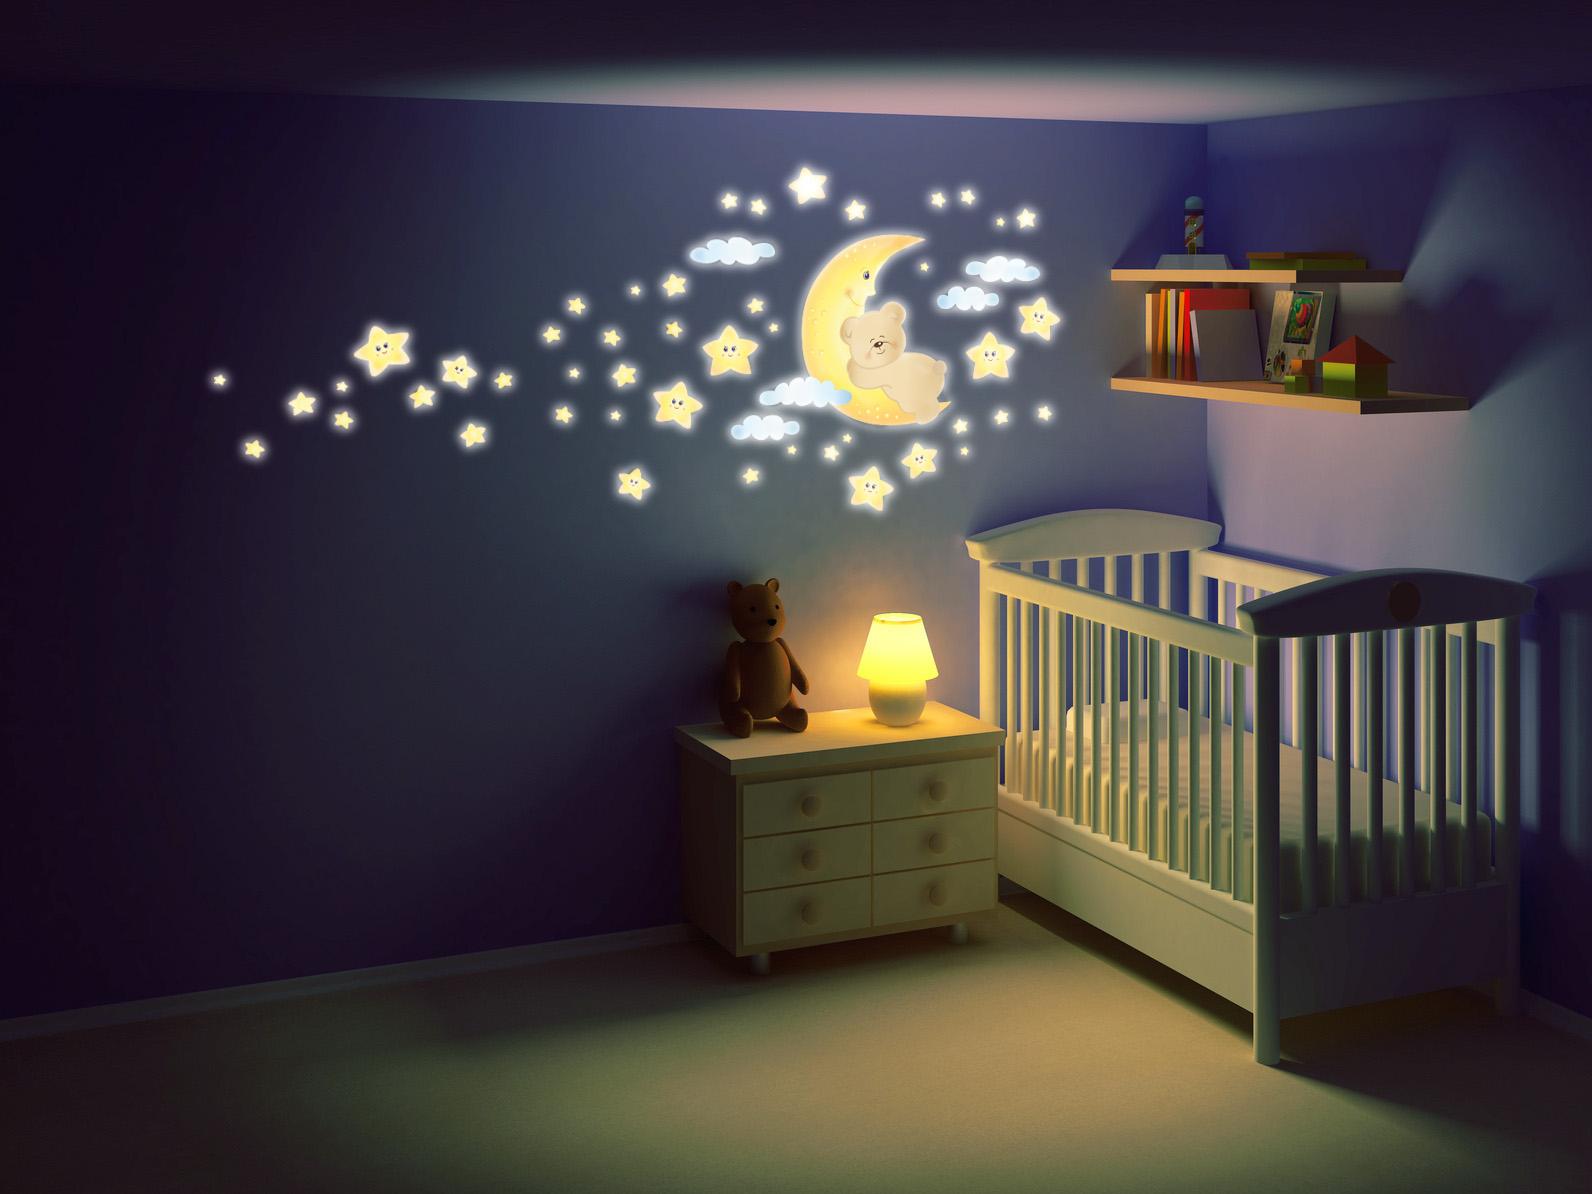 idee per decorare pareti camerette: camerette per bambini winx ... - Decorazioni Pareti Orsetti